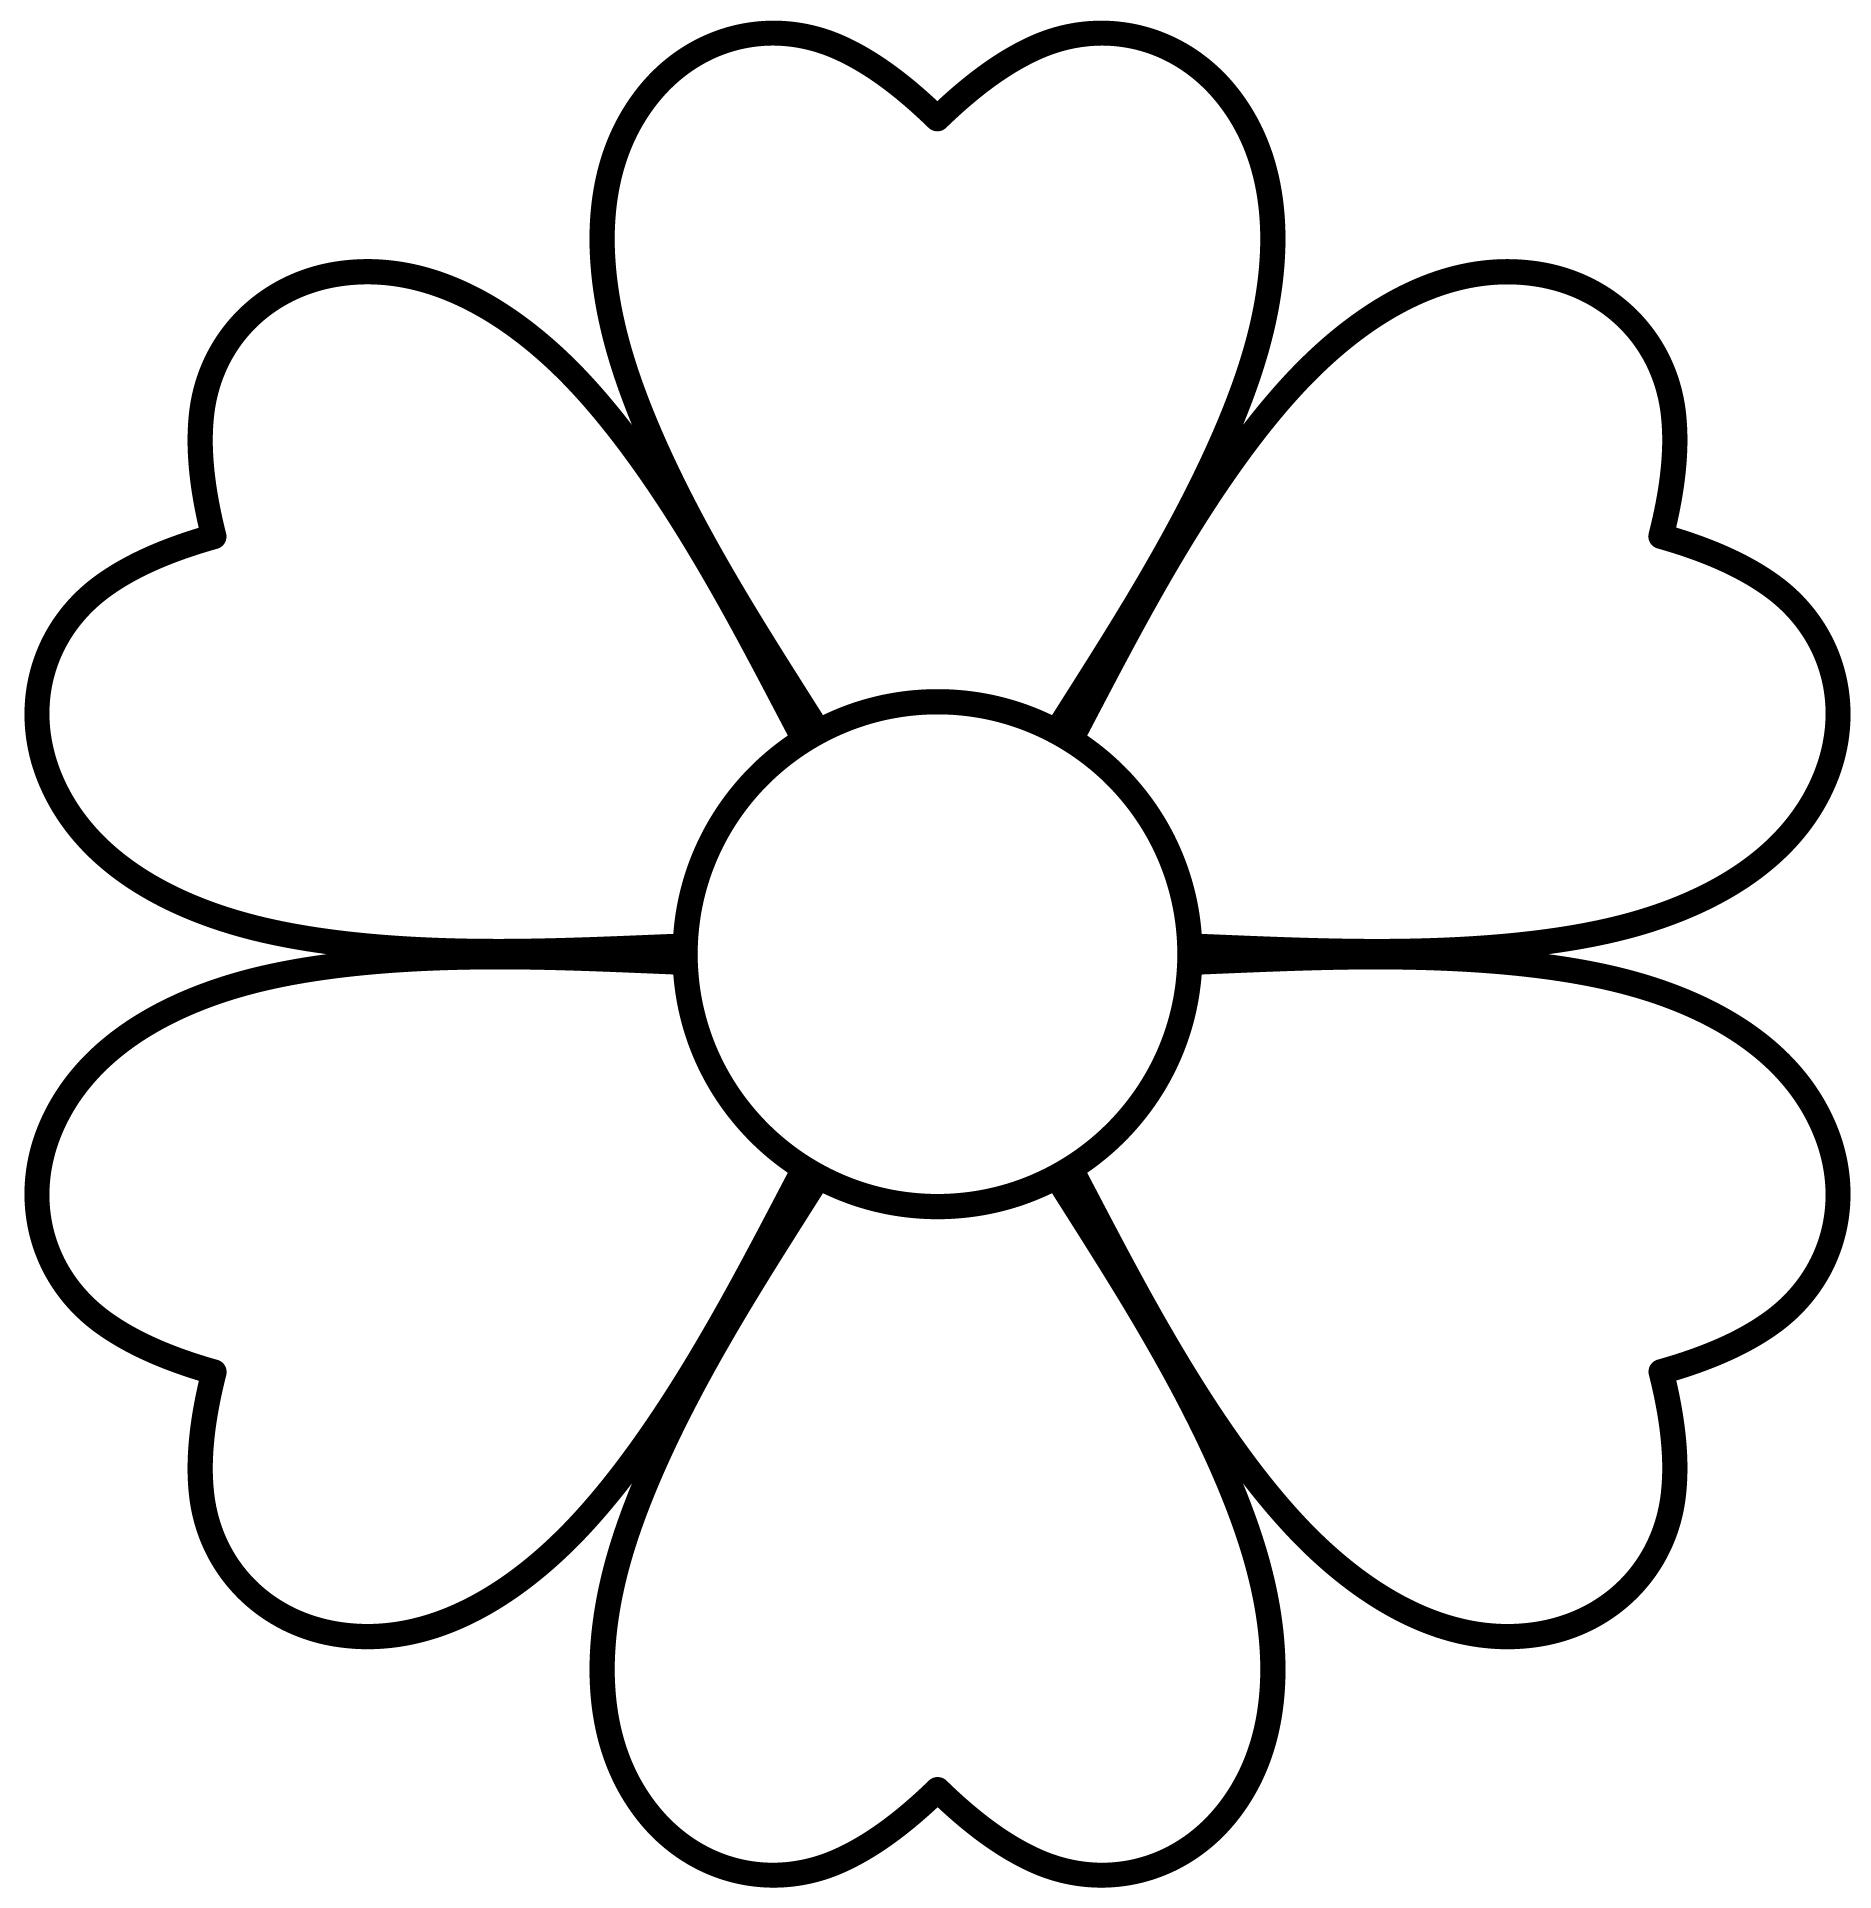 Malvorlage Blume Einfach - tiffanylovesbooks